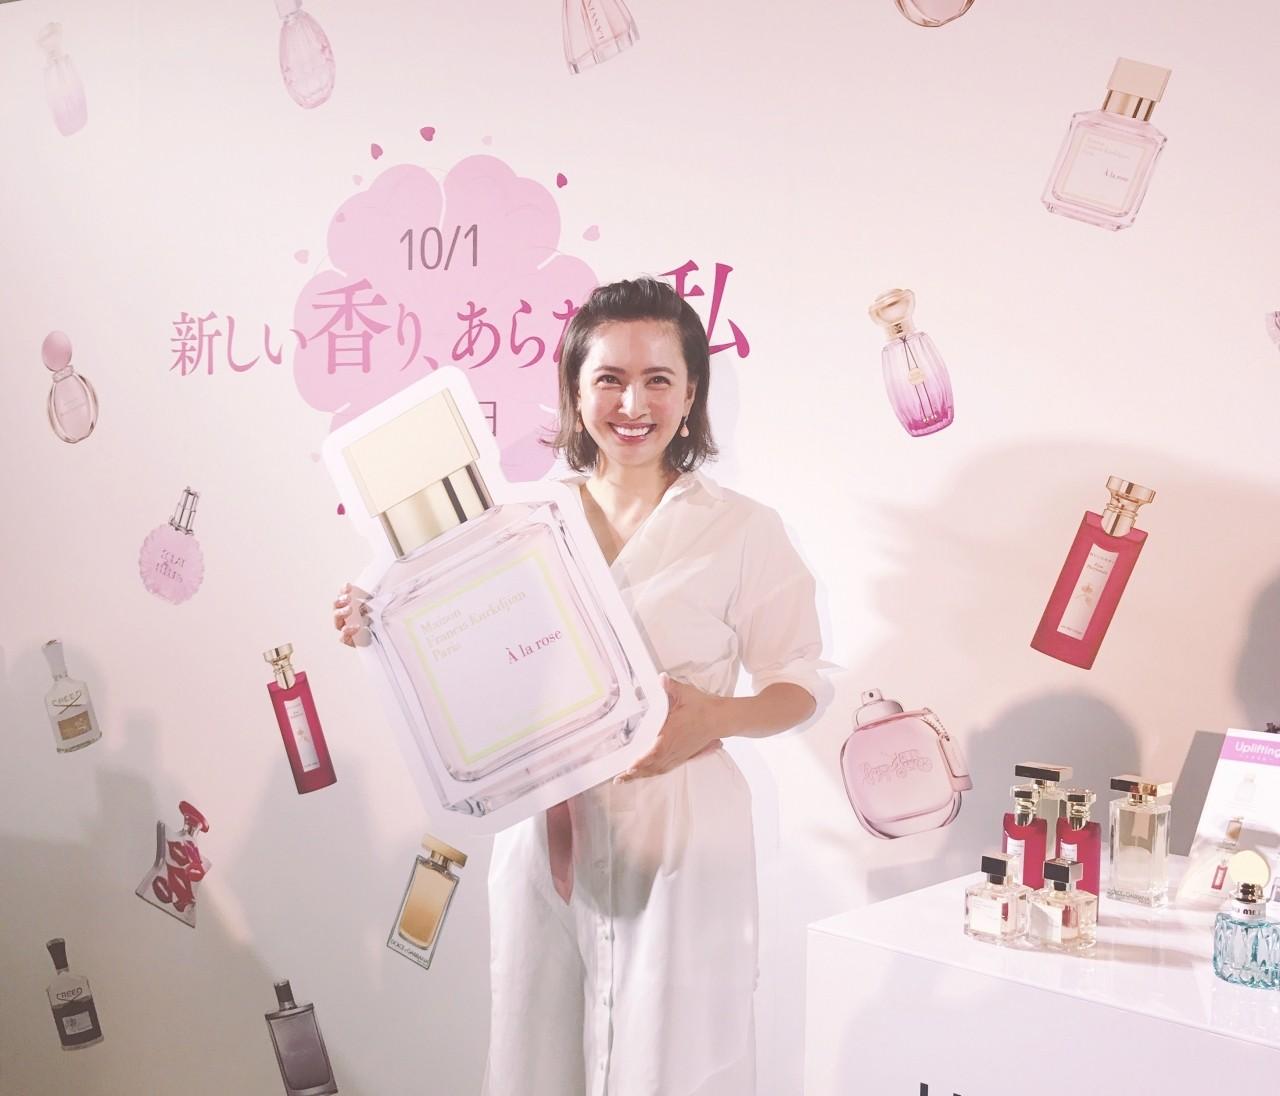 加藤夏希さんも登場!10月1日「香水の日」を楽しむ4つの方法